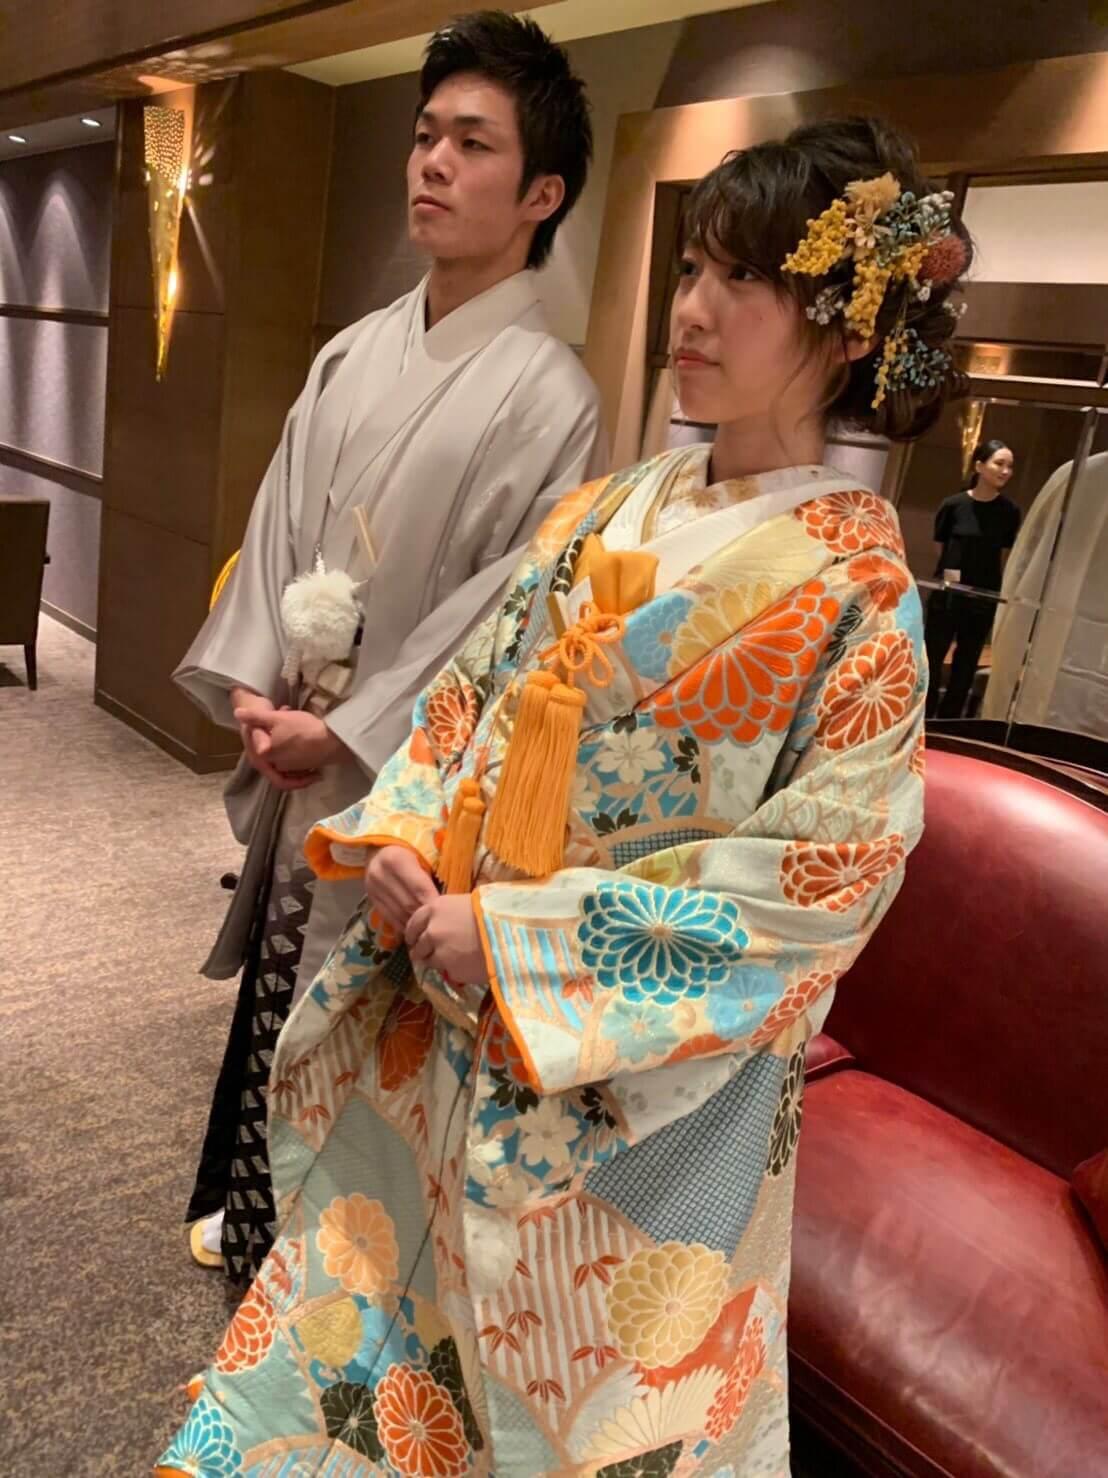 富山県高岡市にある射水神社ブライダルフェアの様子 ブルーの古典モダンな色打掛とさわやかなグレーの紋付の衣裳提供 ブライダルハウスひまわり